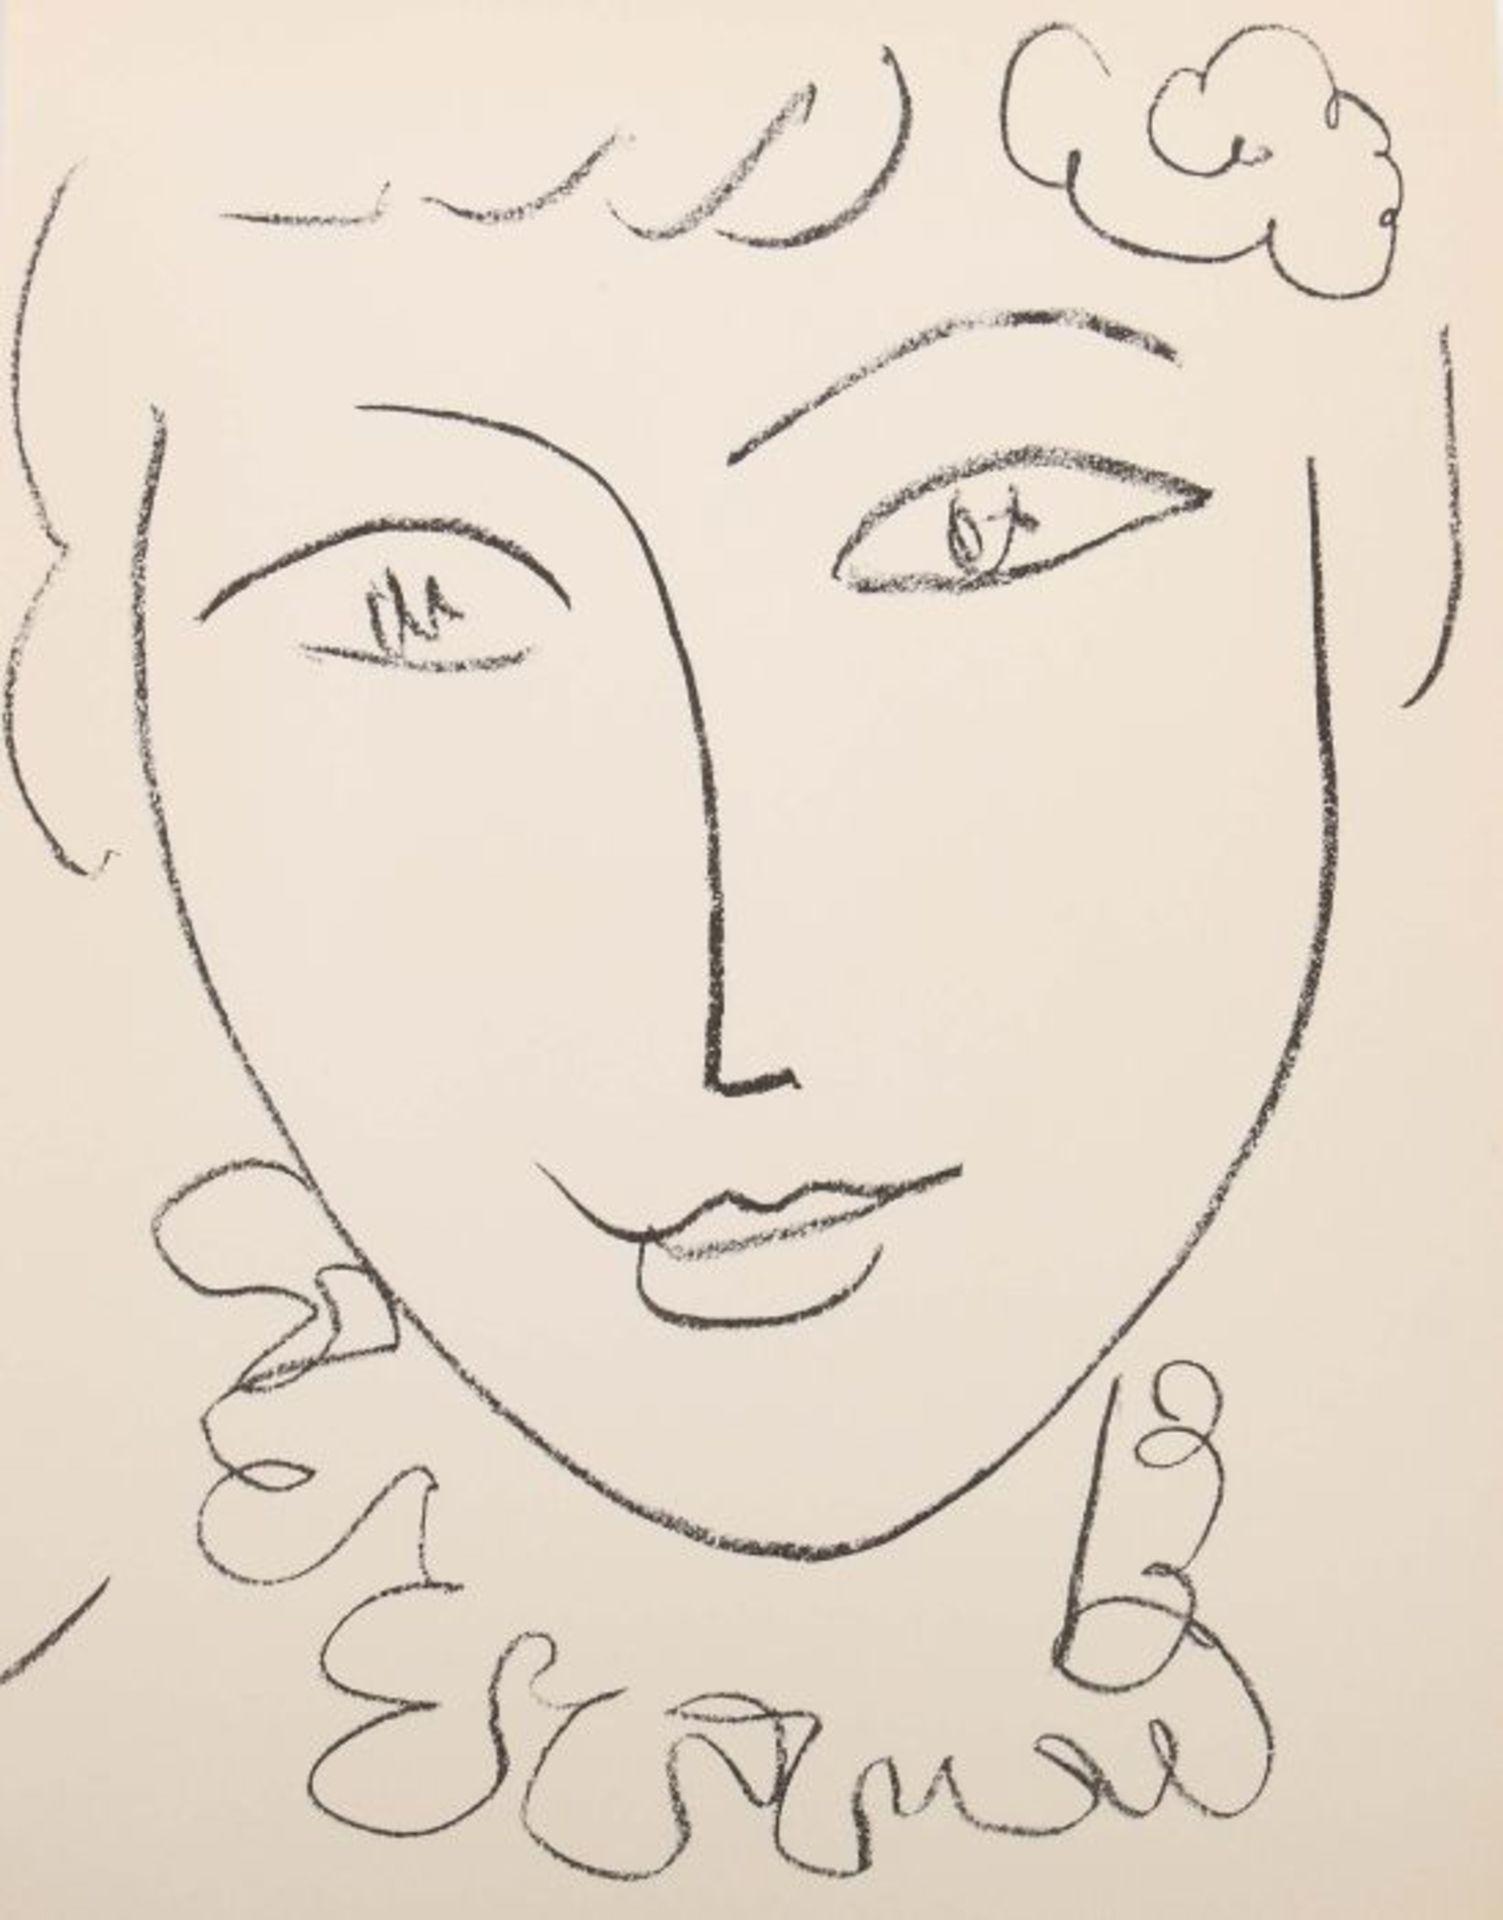 Matisse, Henri Portraits, Monte Carlo, André Sauret, 1954, Exp. 2421 von 2850 num. Exp., mit einer - Bild 2 aus 4